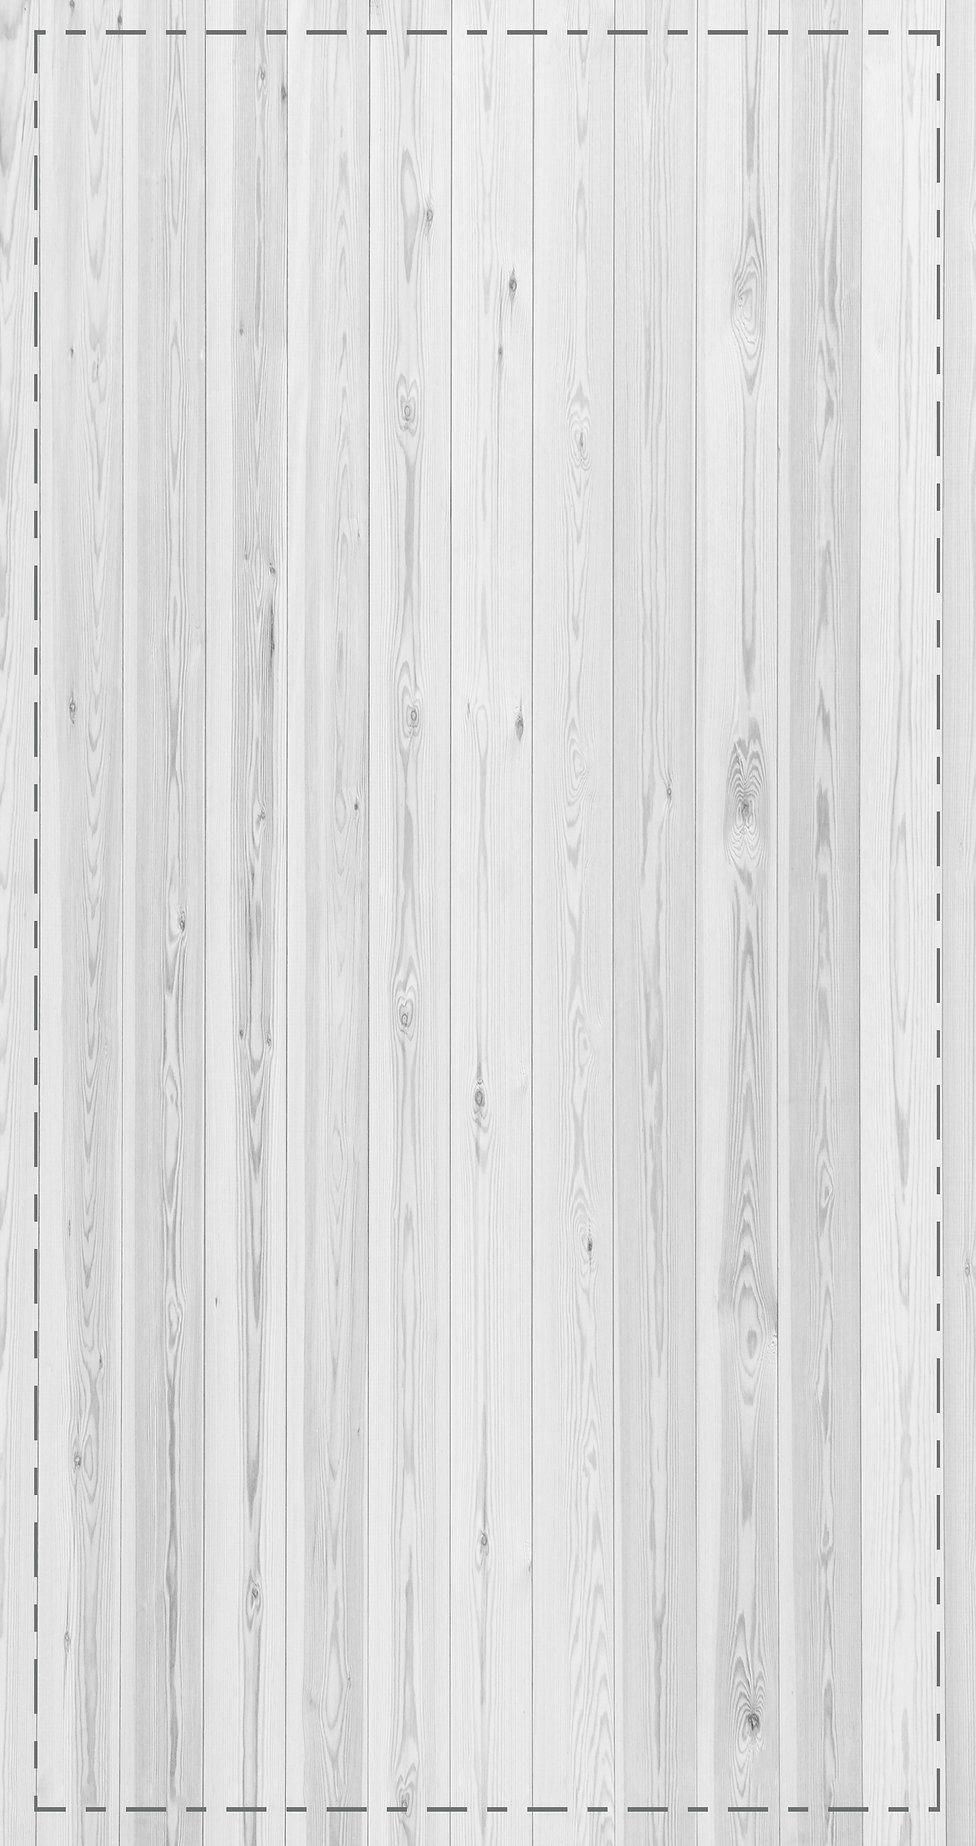 דף עץ יותר עדין וגדול.jpg